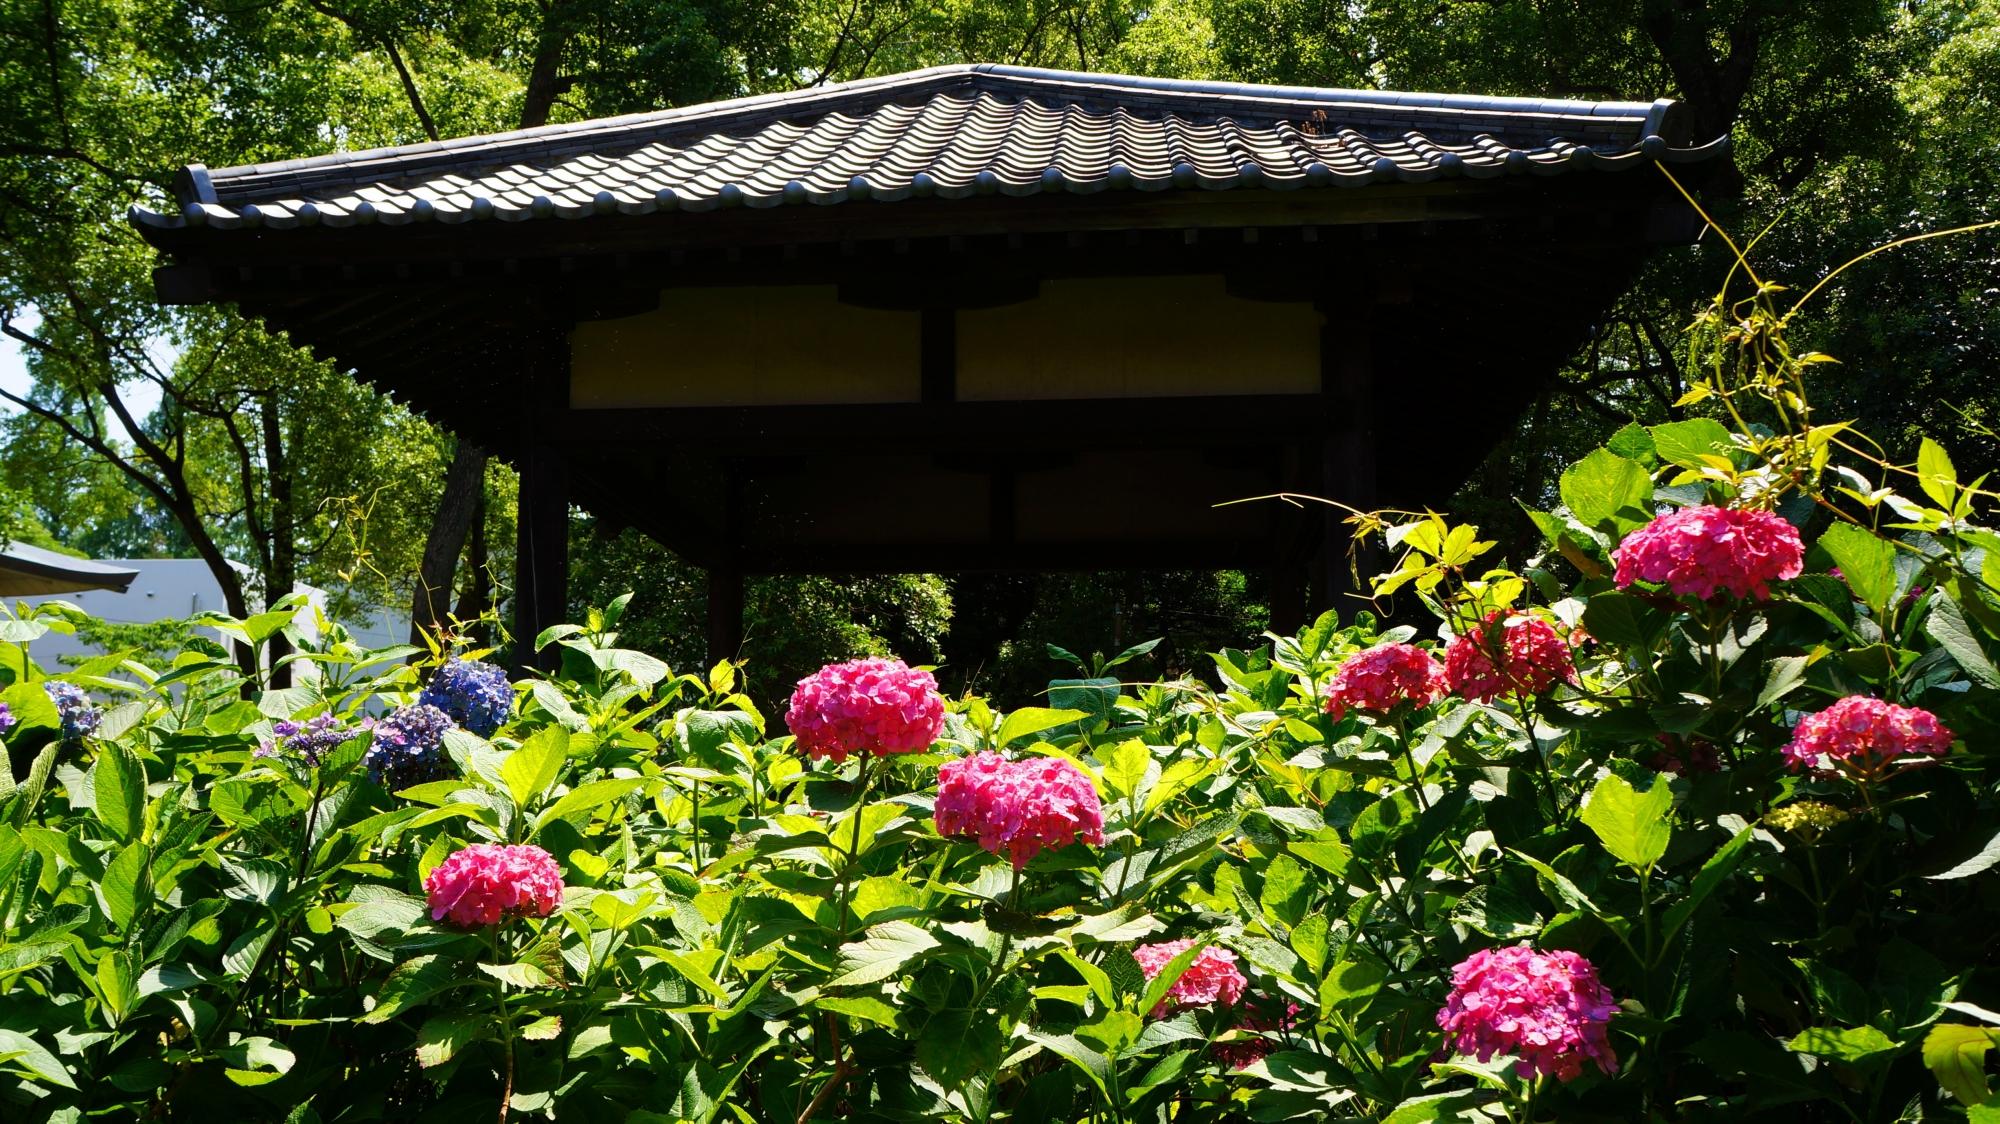 背景に建物が入り絵になる藤森神社のあじさい